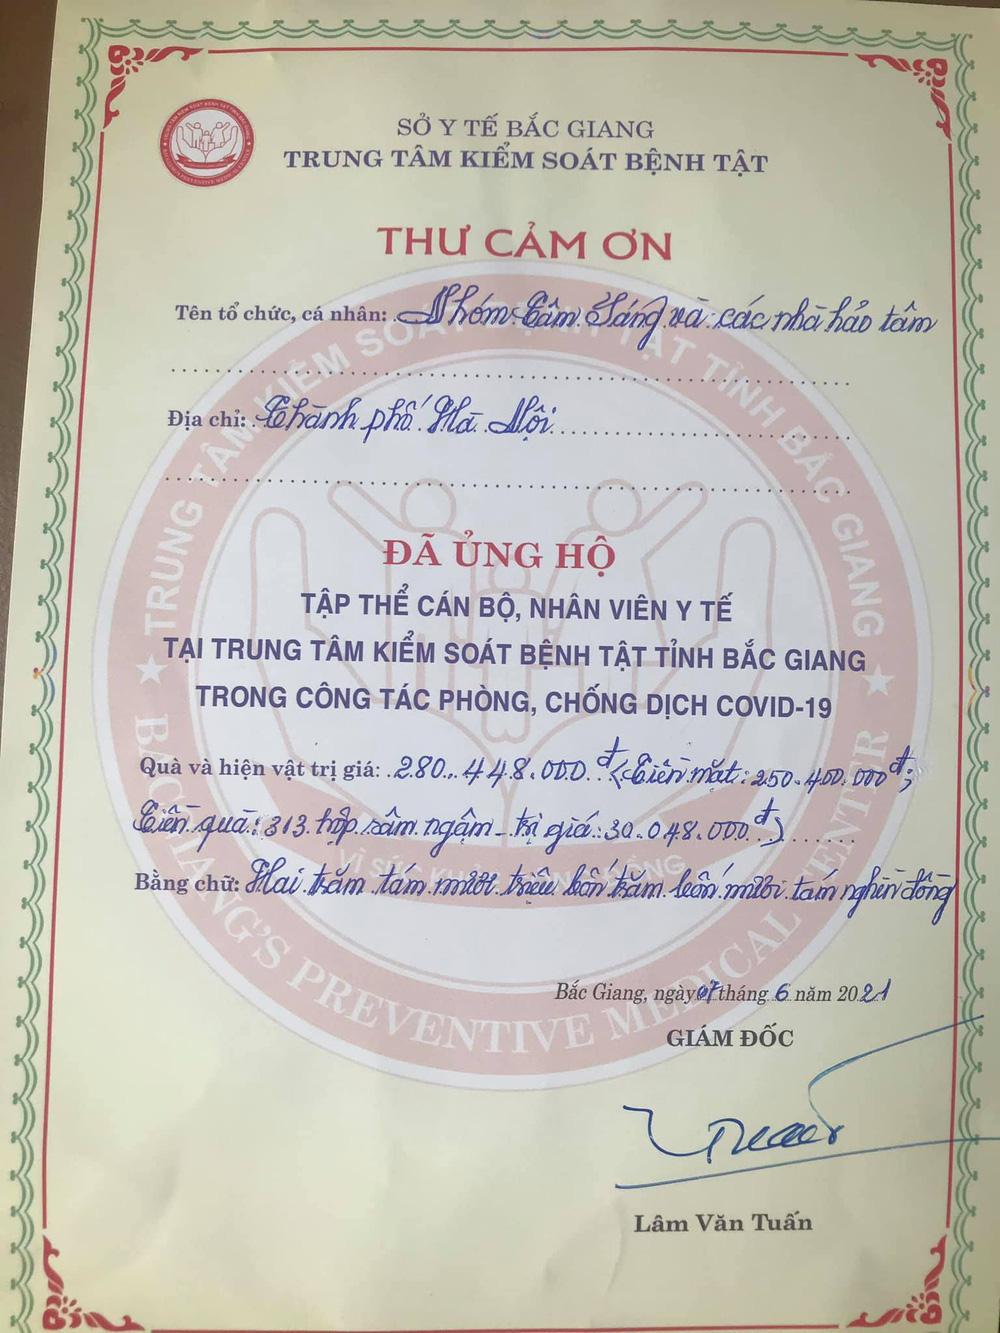 Lời tri ân từ Bộ đội biên phòng Tây Nam và các chiến binh xét nghiệm Bắc Giang - Ảnh 12.